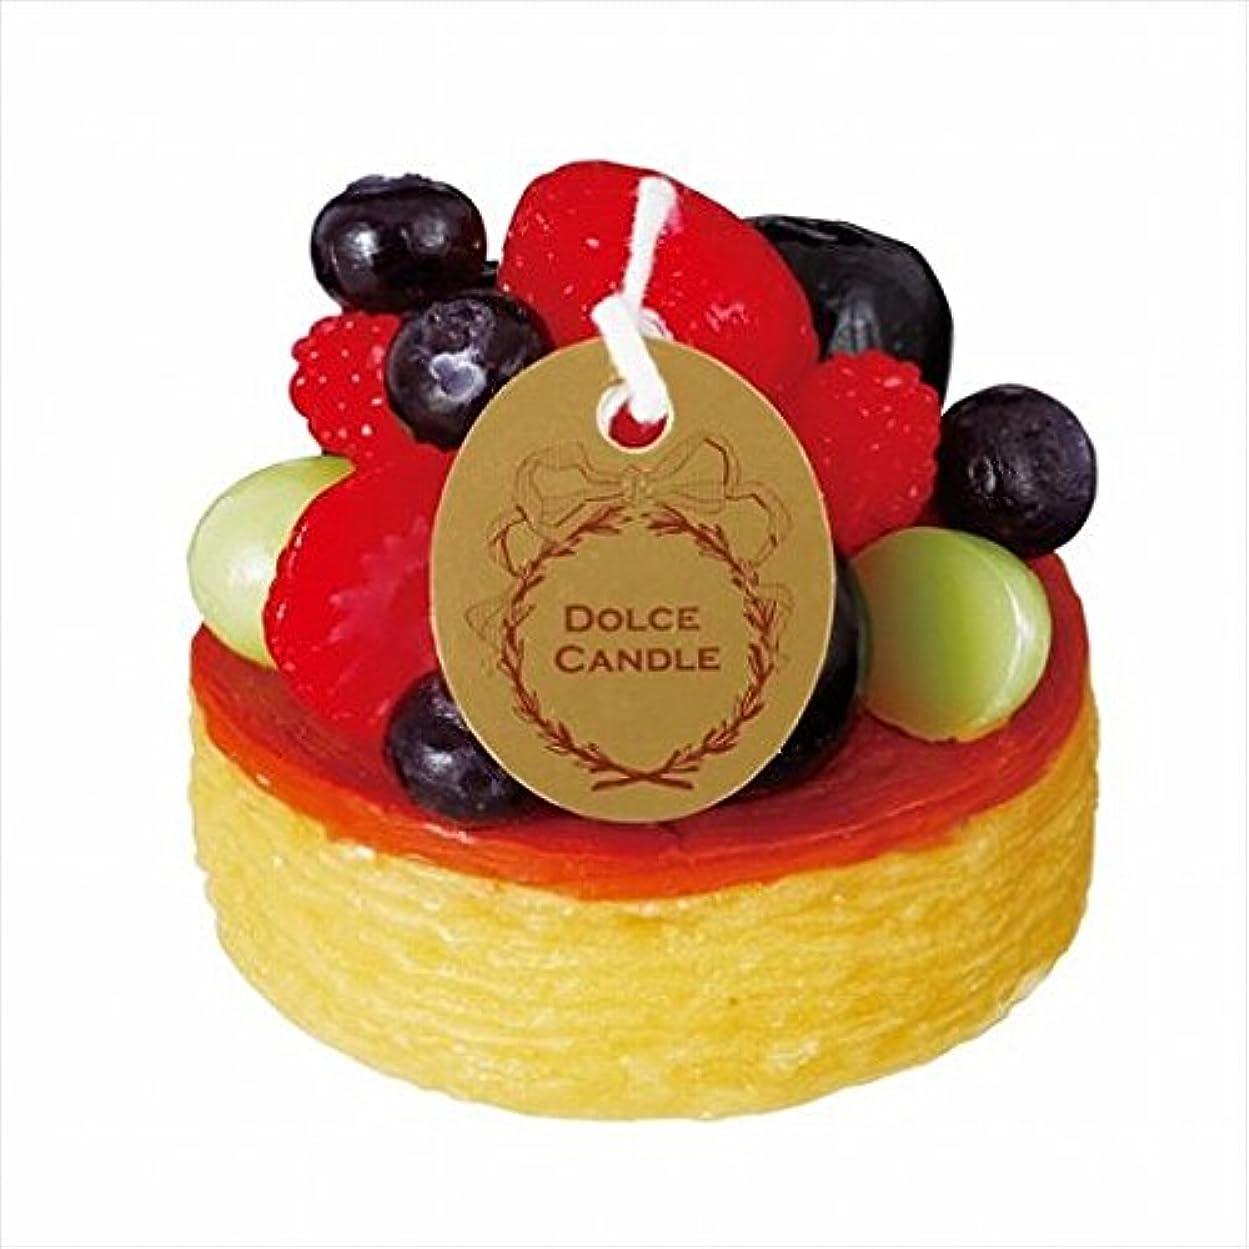 高原姉妹にぎやかスイーツキャンドル( sweets candle ) ドルチェキャンドル 「 フルーツタルト 」